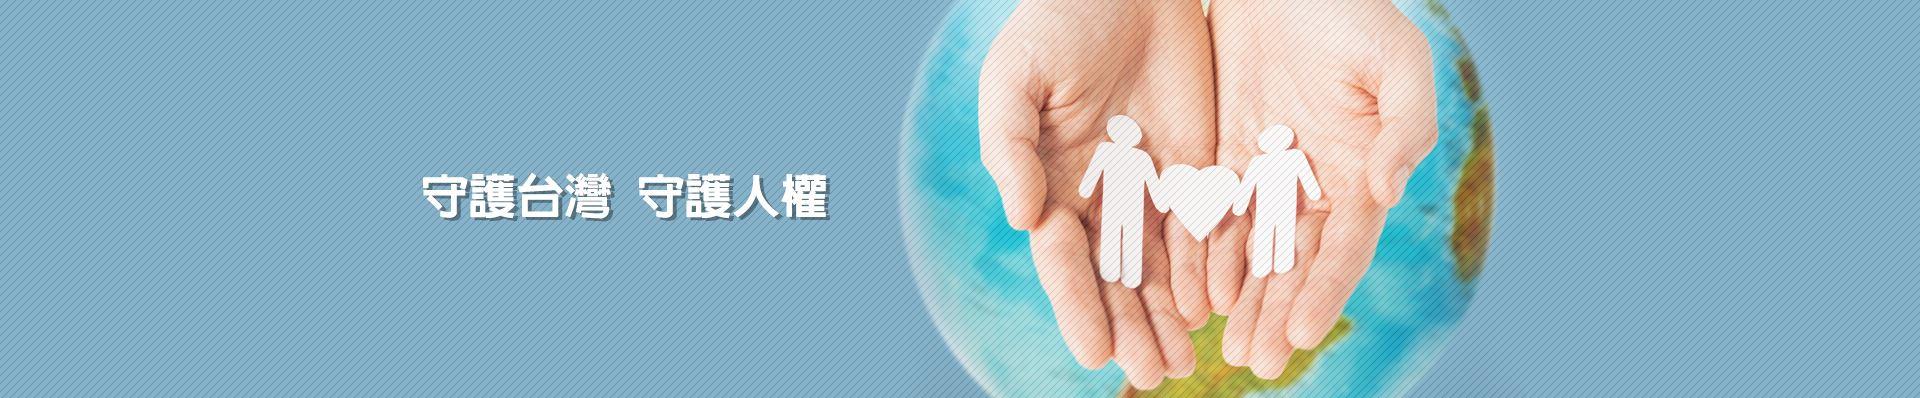 守護台灣,守護人權